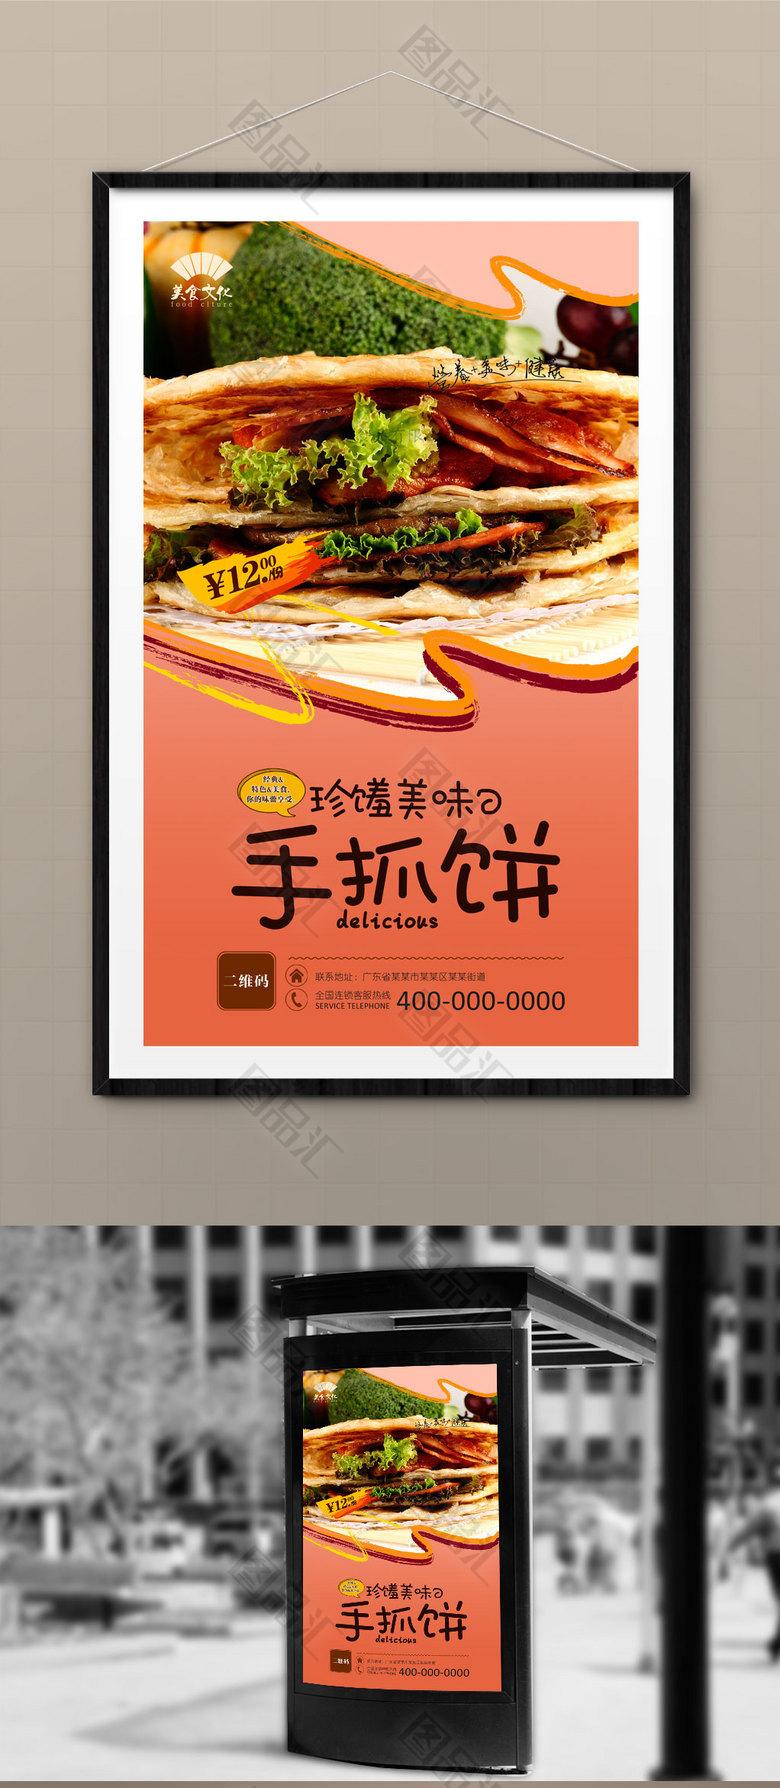 手抓饼海报PSDv海报别墅木结构建筑设计图片